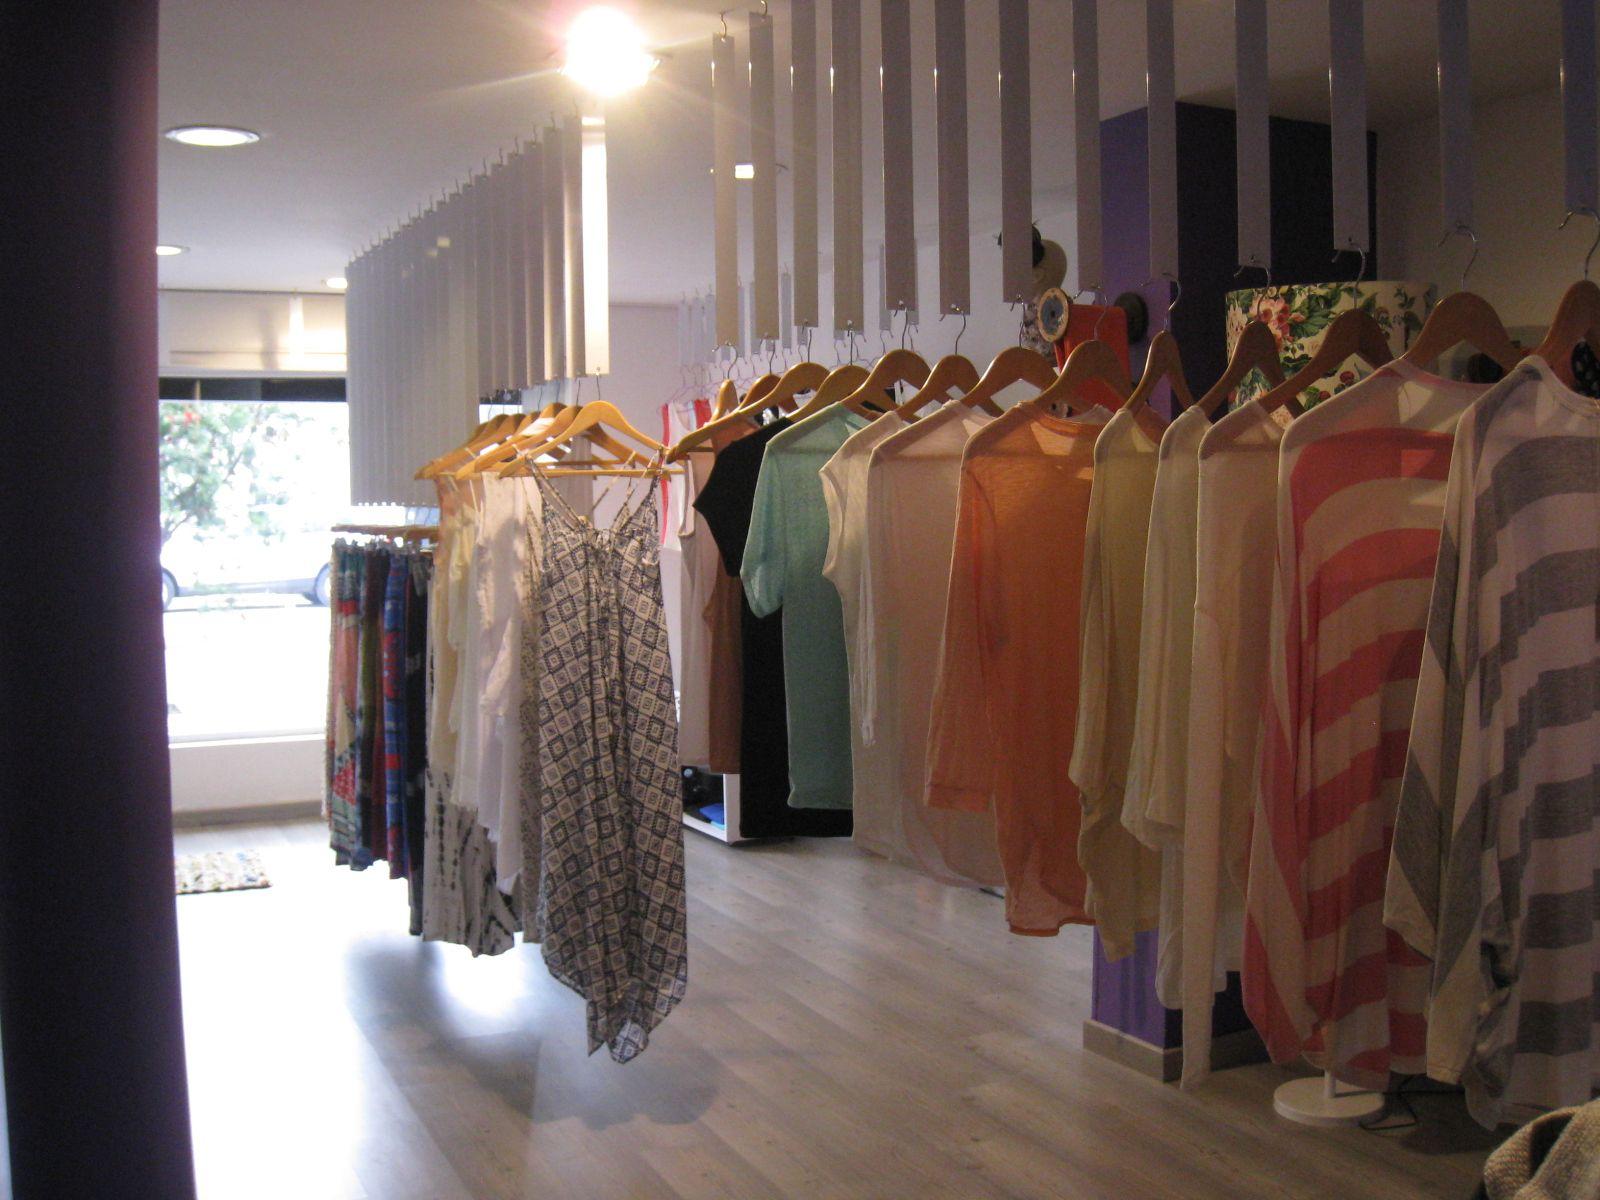 Spinne taller de costura y Boutique. Carrera 13 numero 78 - 98.